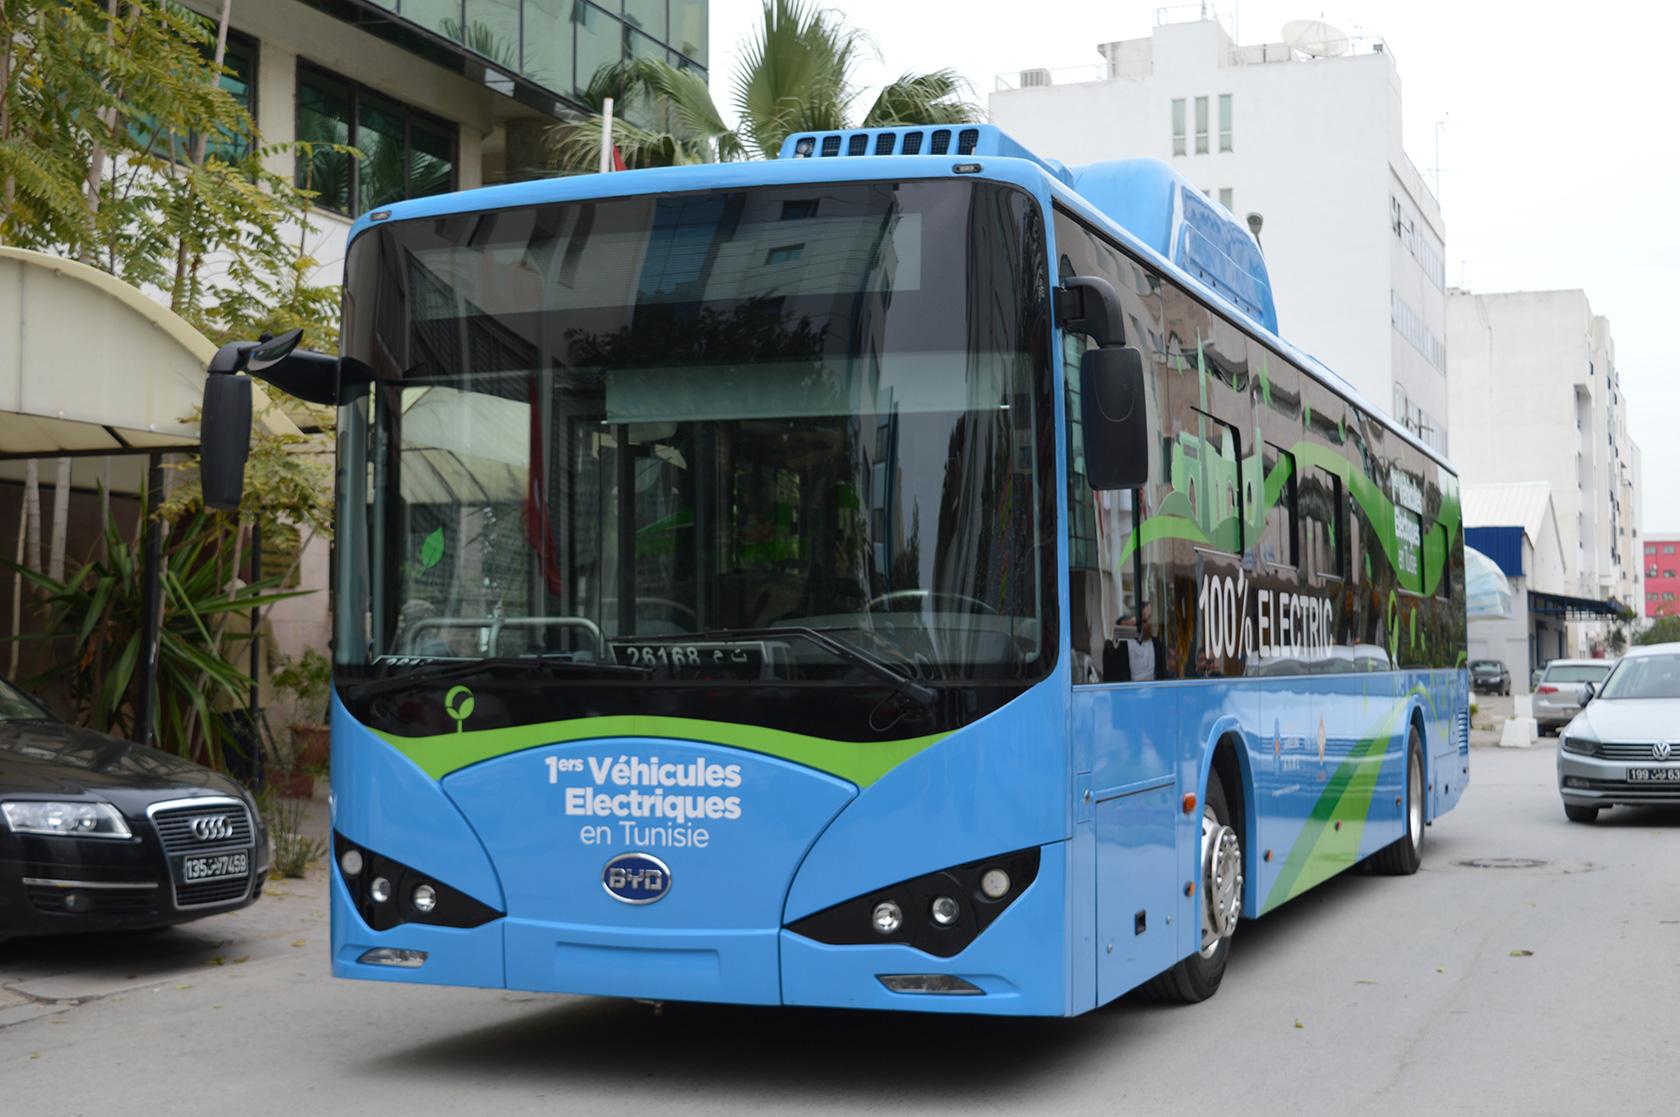 Le premier BUS 100% électrique testé en Tunisie